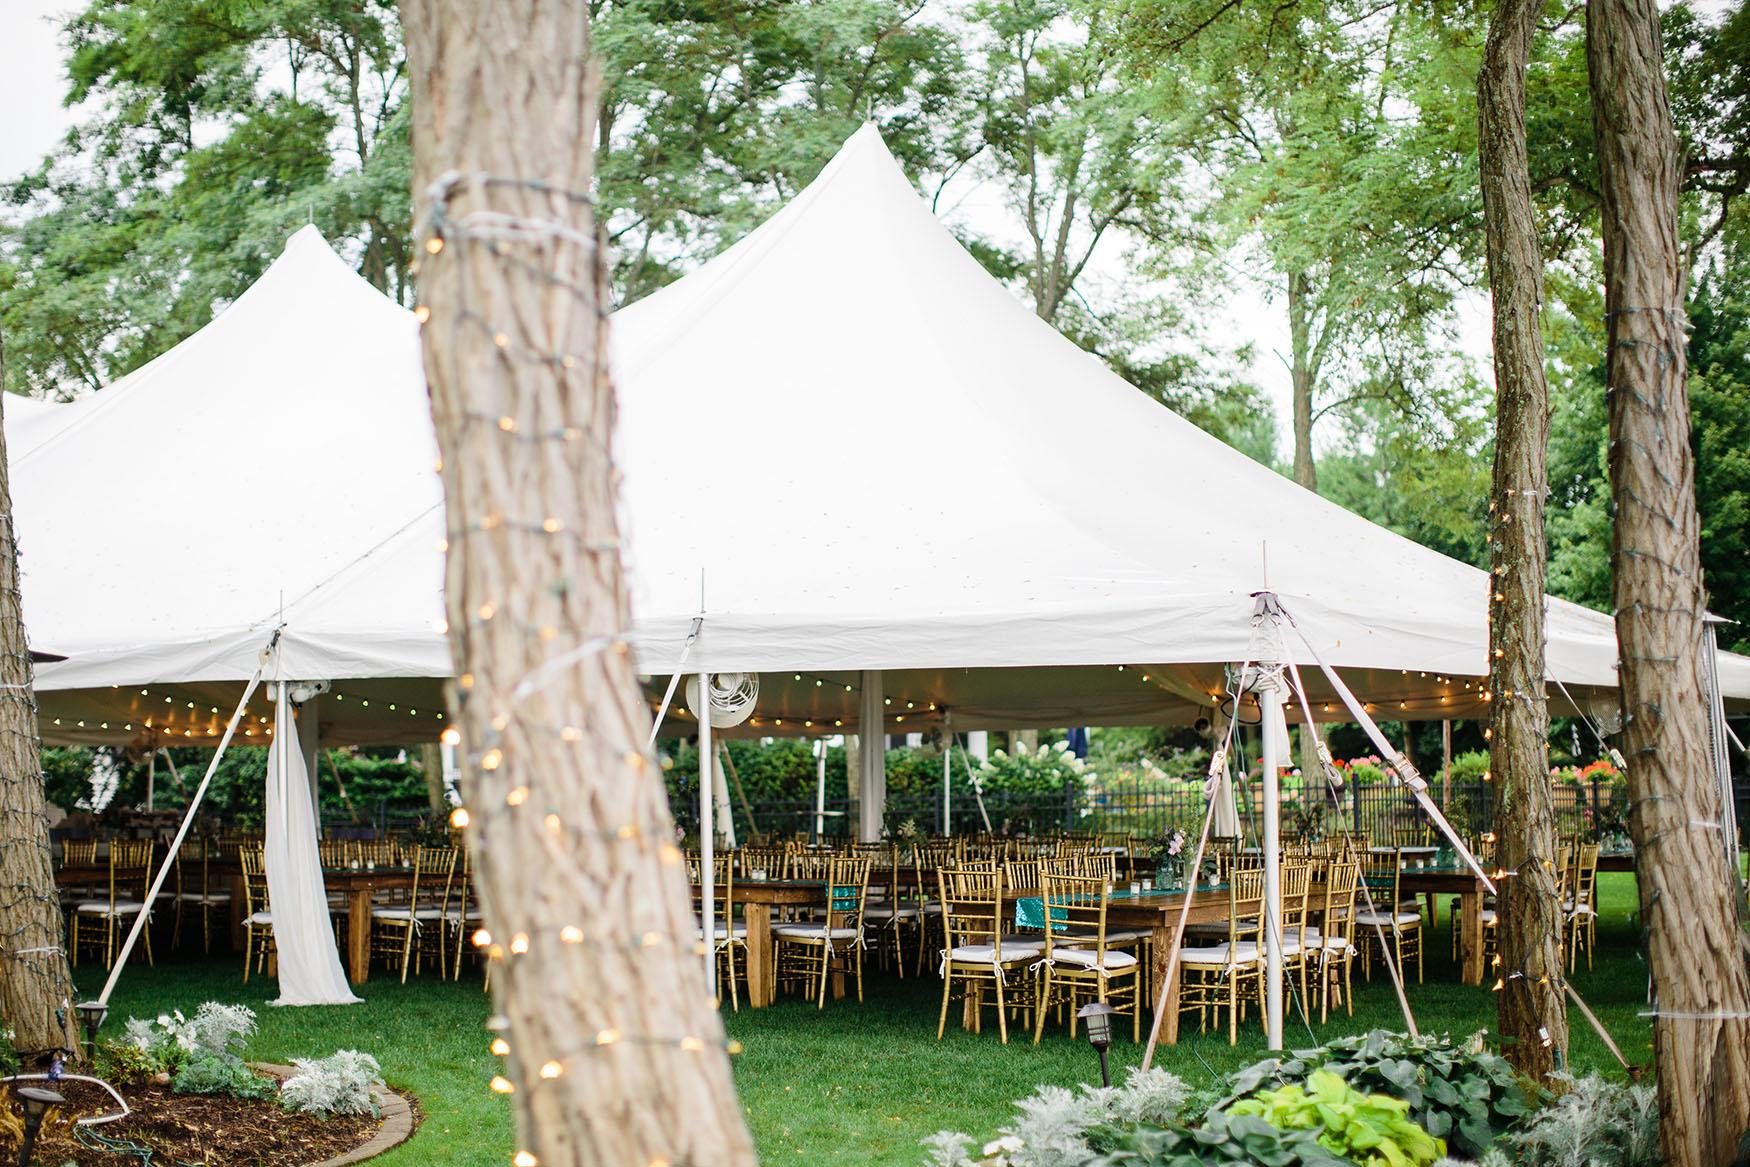 Wedding Tent Rentals | Fairy Tale Tents & Events